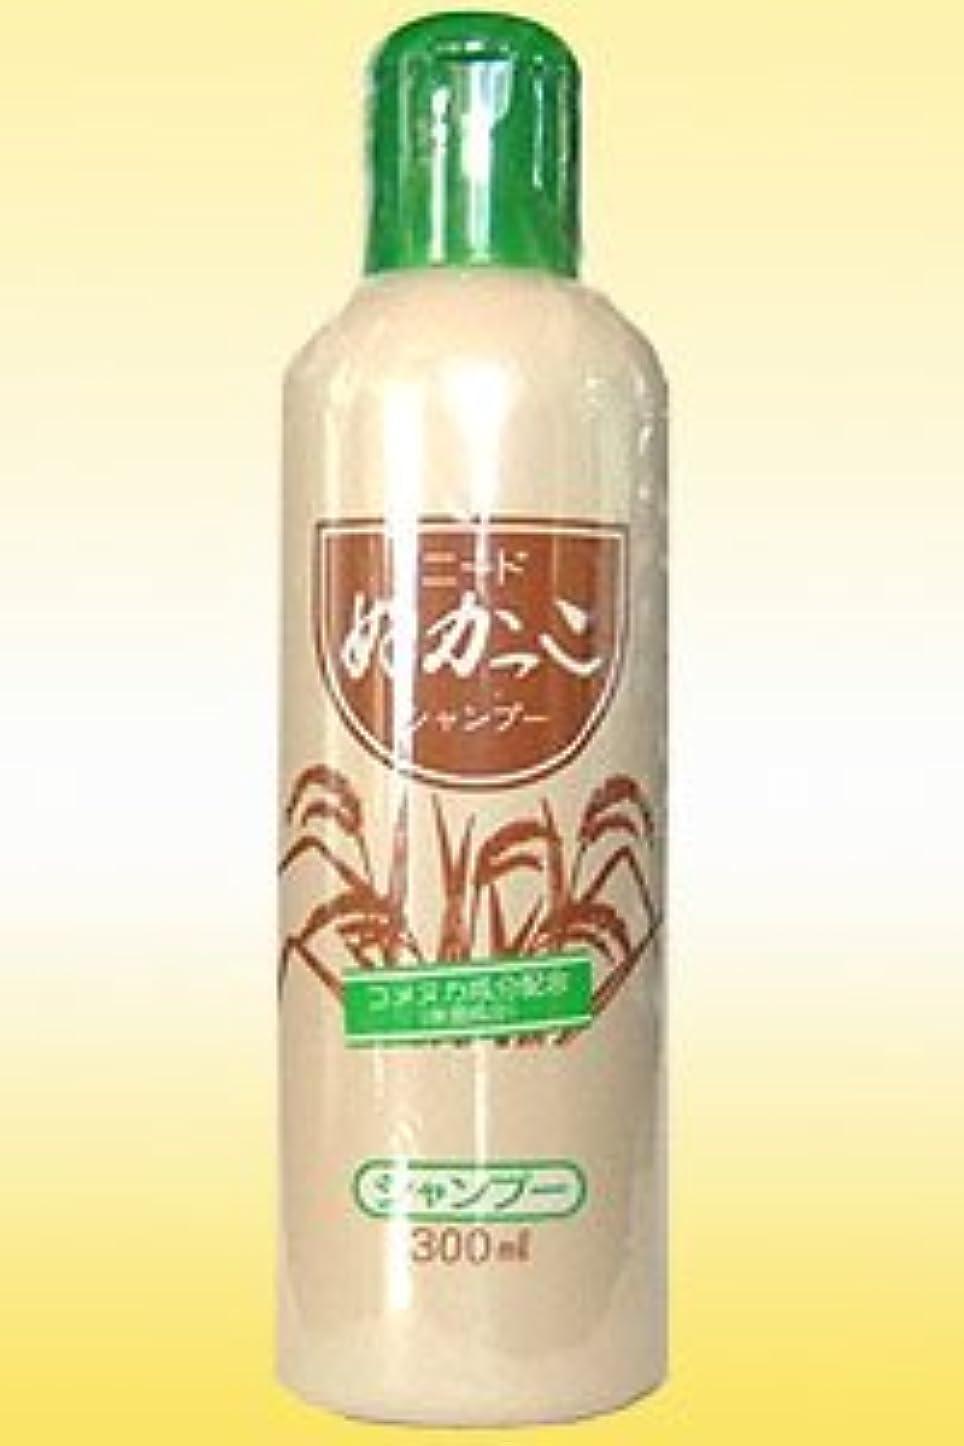 恋人モバイル横向きニードぬかっこシャンプー(300ml)ニード洗粉をベースに、より米ぬかの特長を生かした自然派化粧品